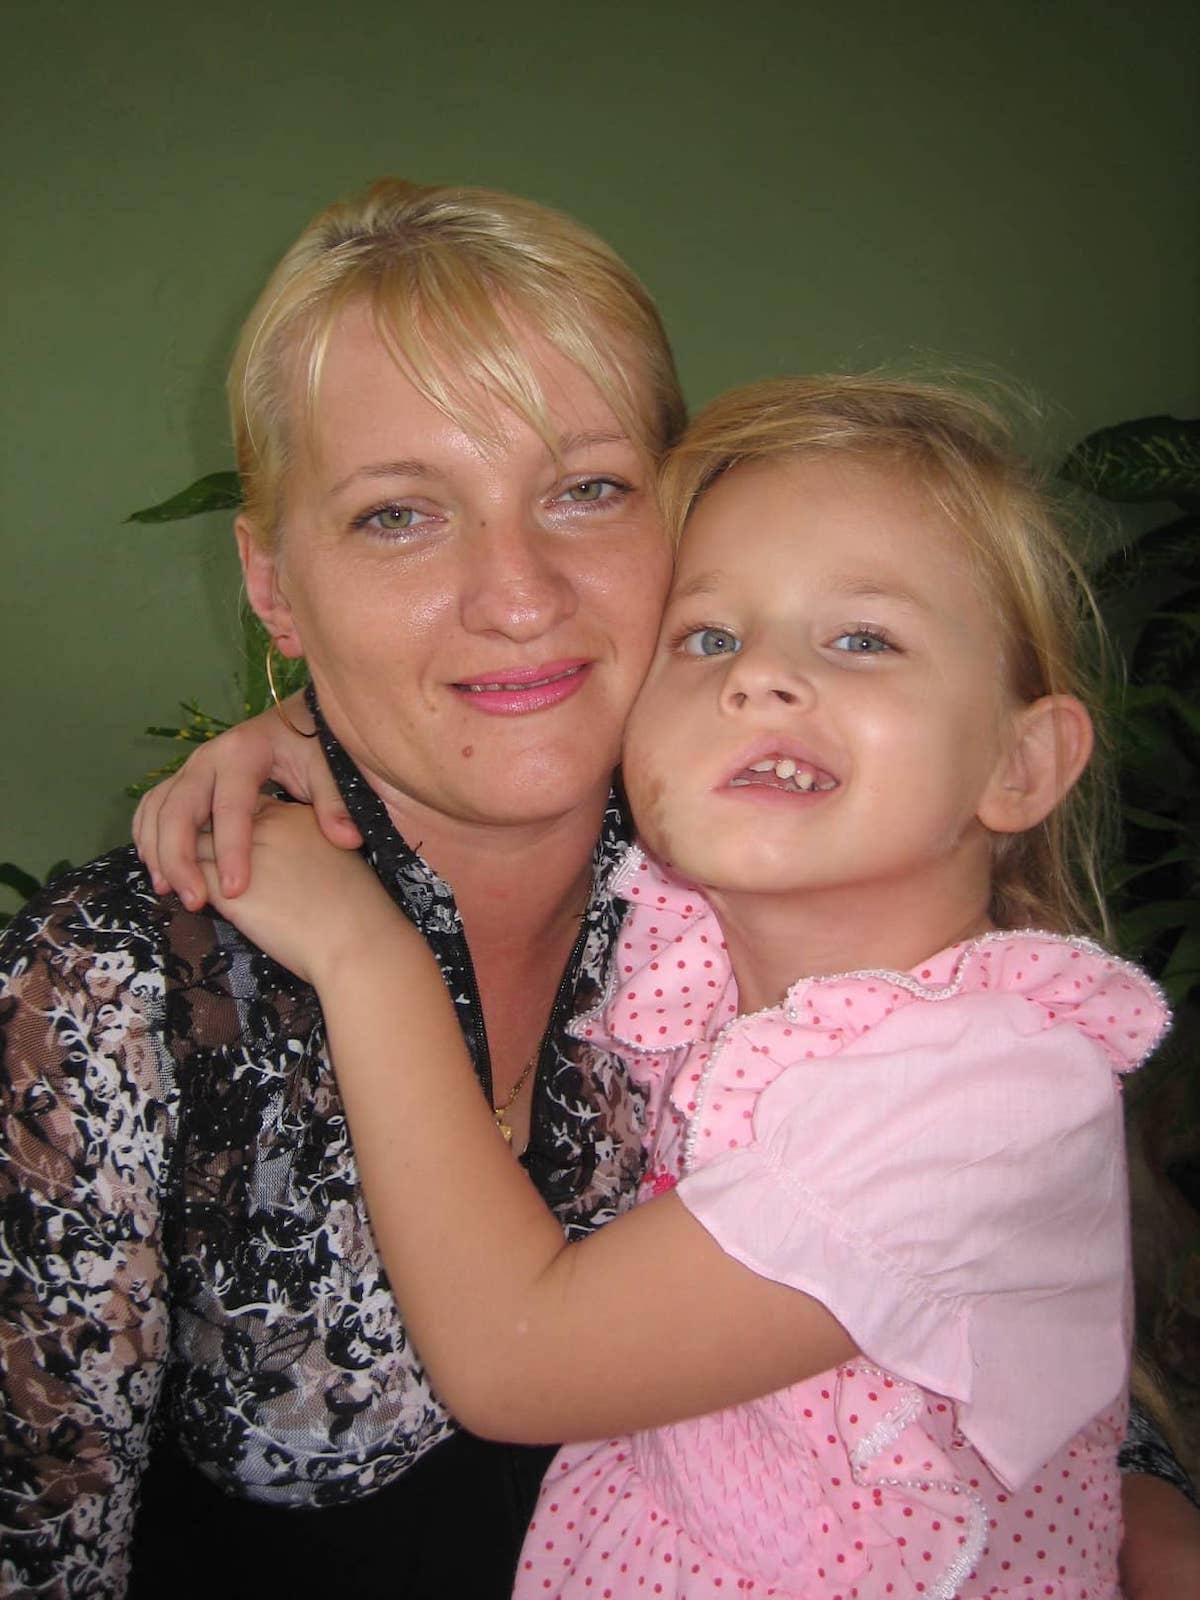 Madre y niña de Chernobil en Tarará. Foto: Archivo médico cubano.